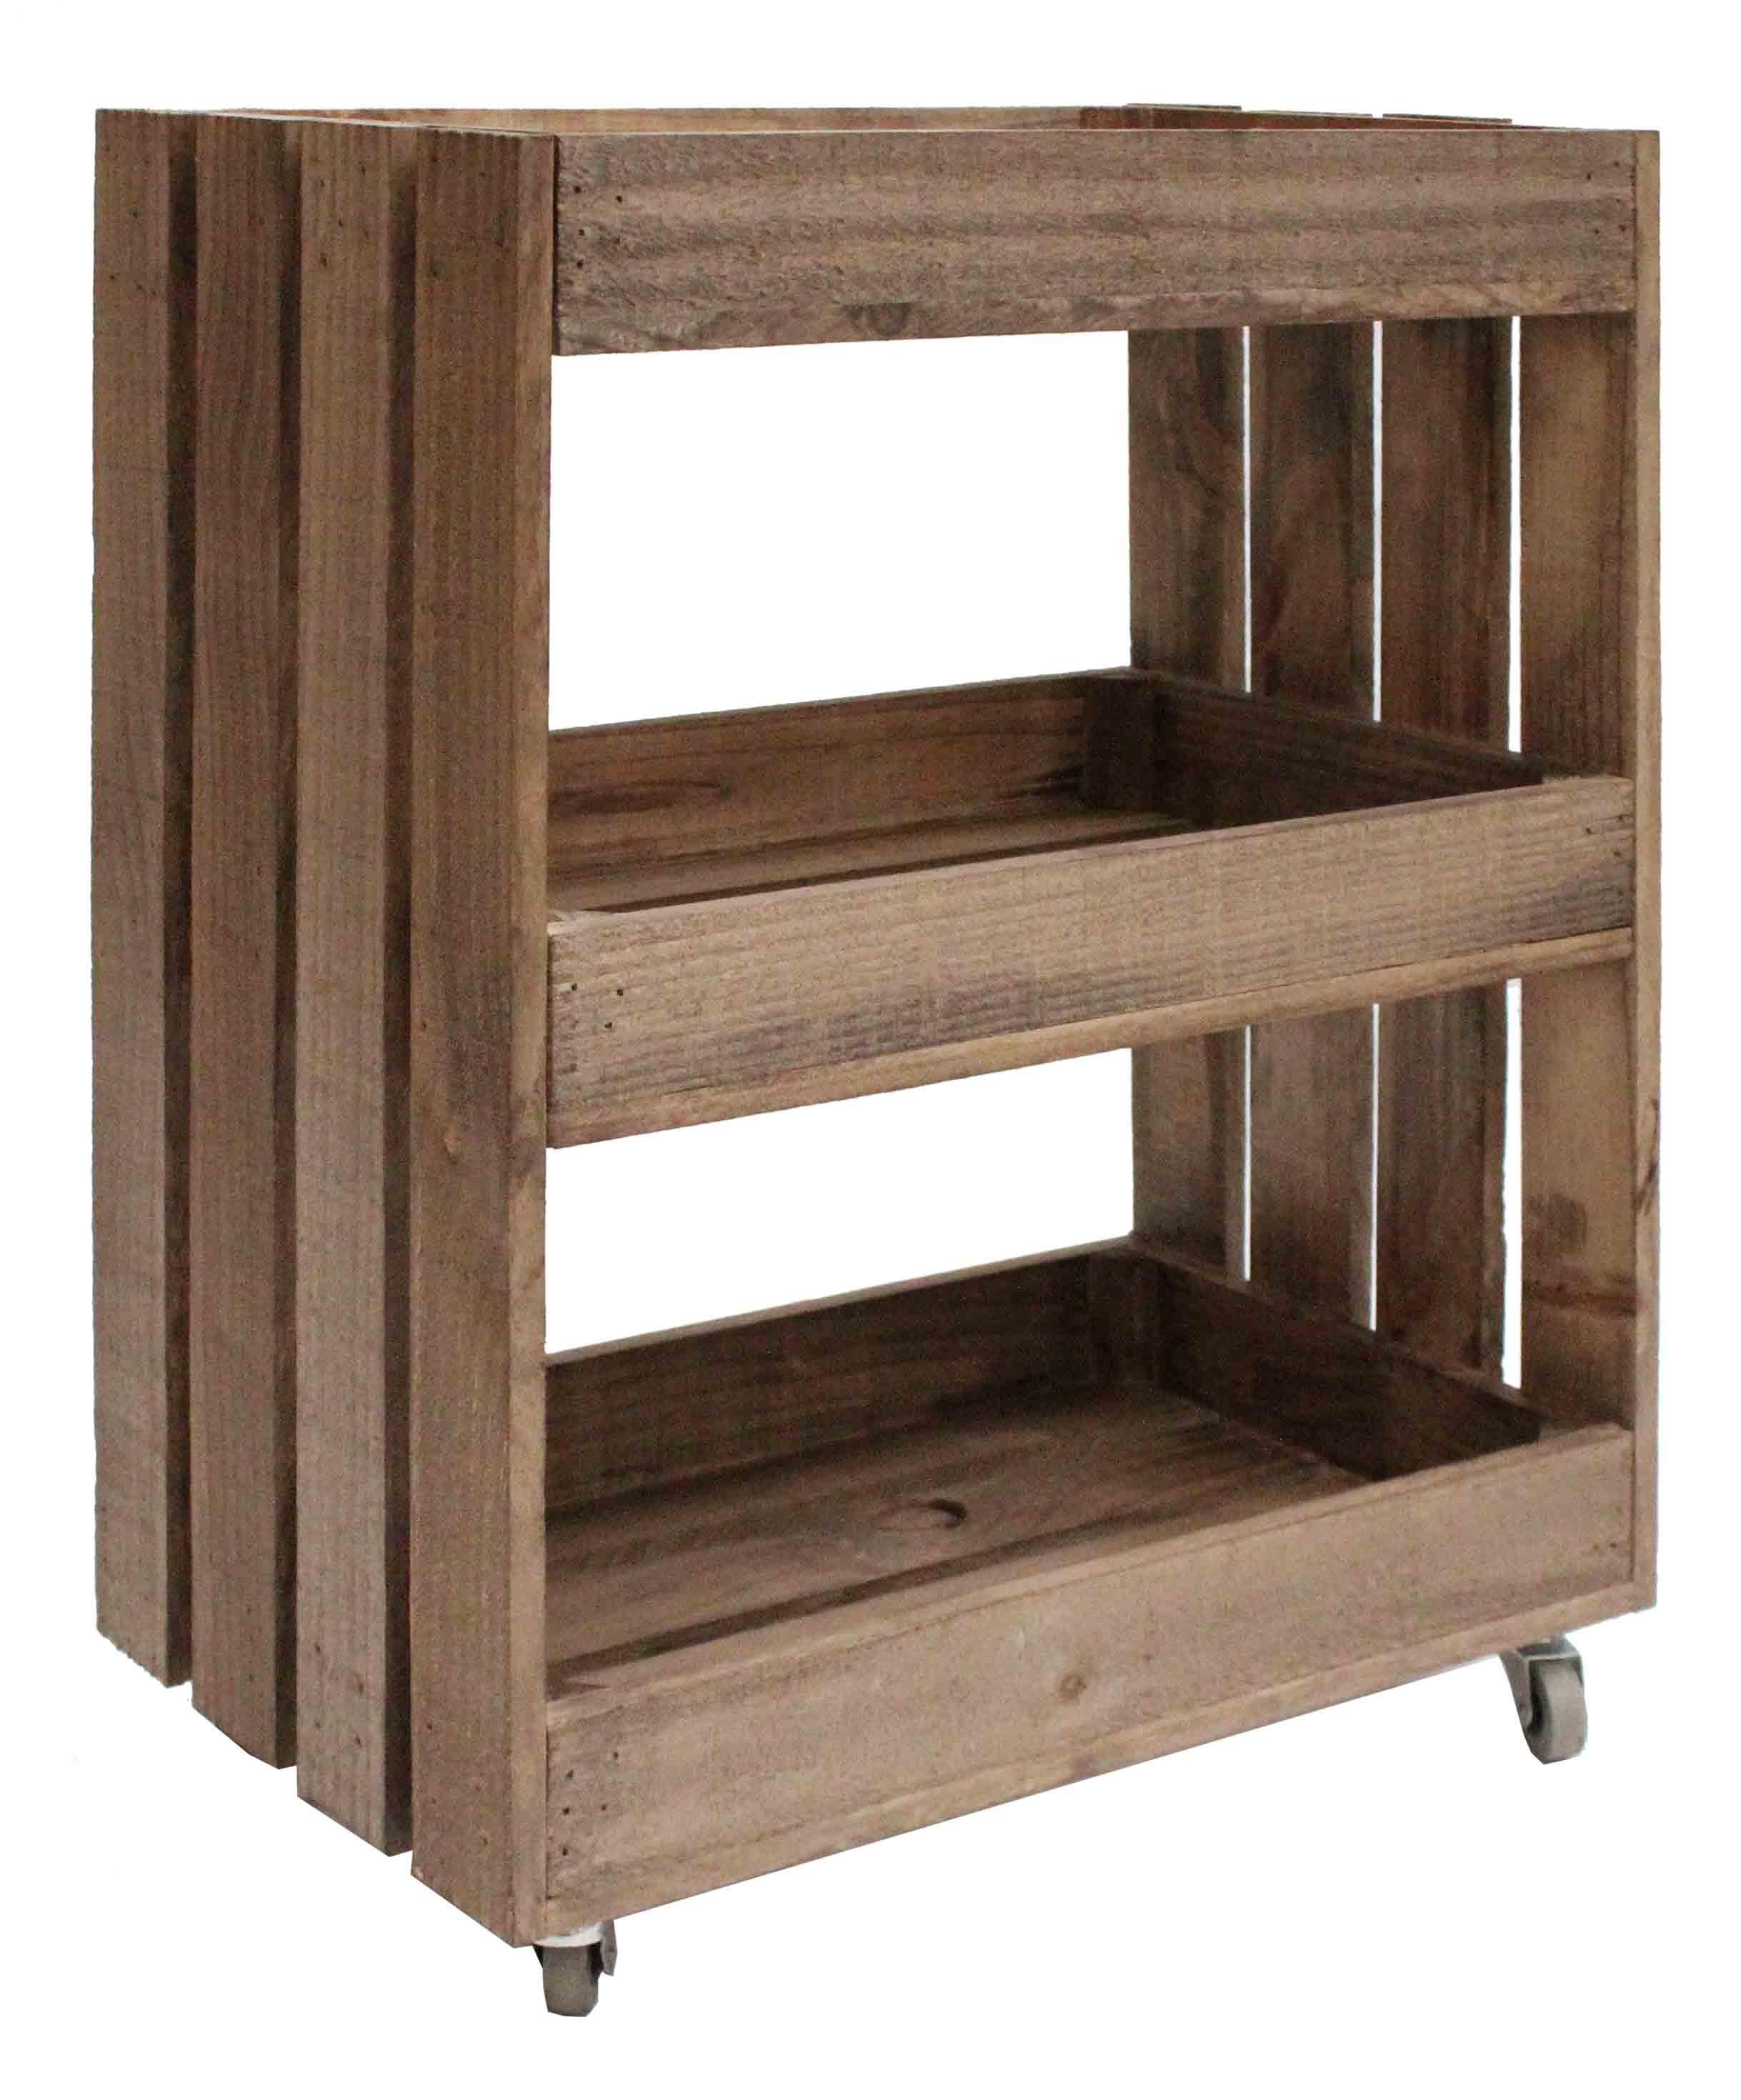 Mueble auxiliar con ruedas de madera de pino - Ruedas para mueble ...